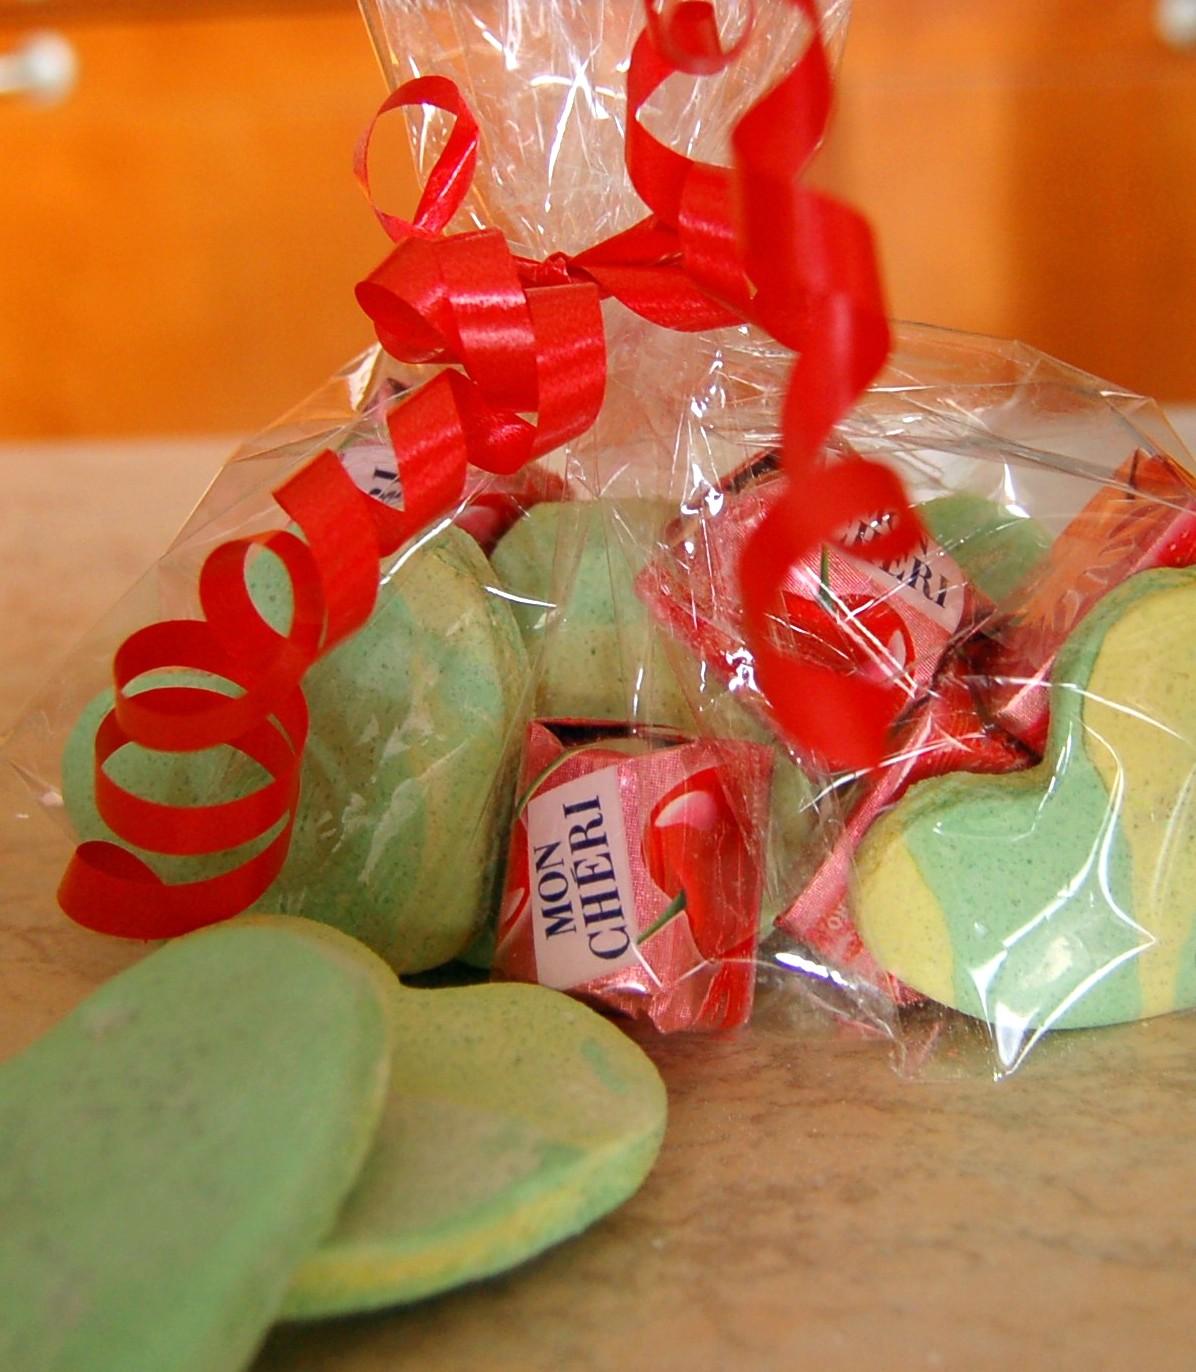 San valentino idee regalo fai da te for Idee san valentino fai da te